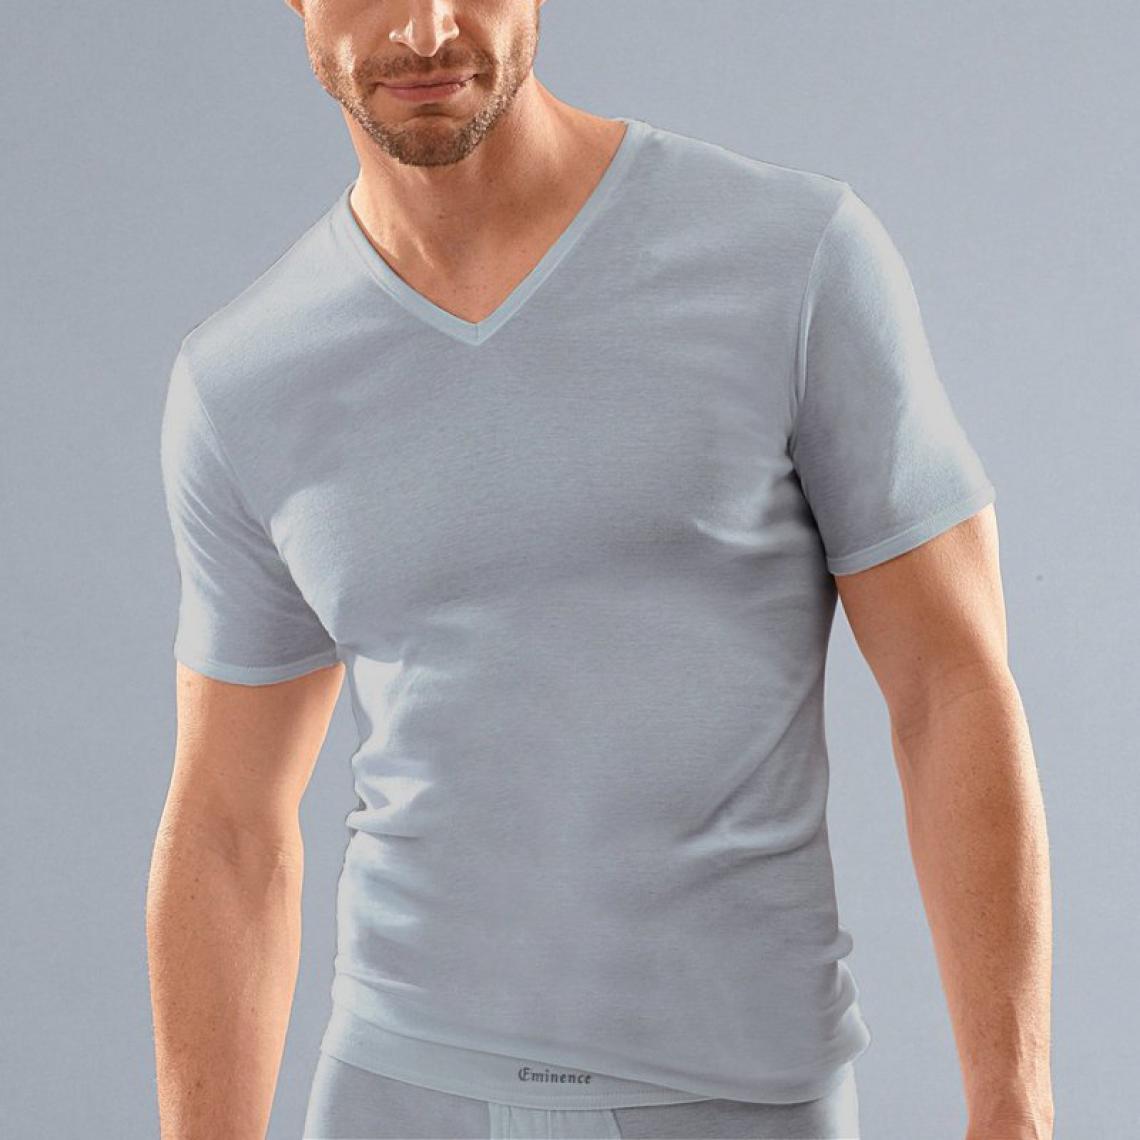 Lot Bleu3 2 Homme Suisses T V Col De Coton Shirts Éminence nN0m8w